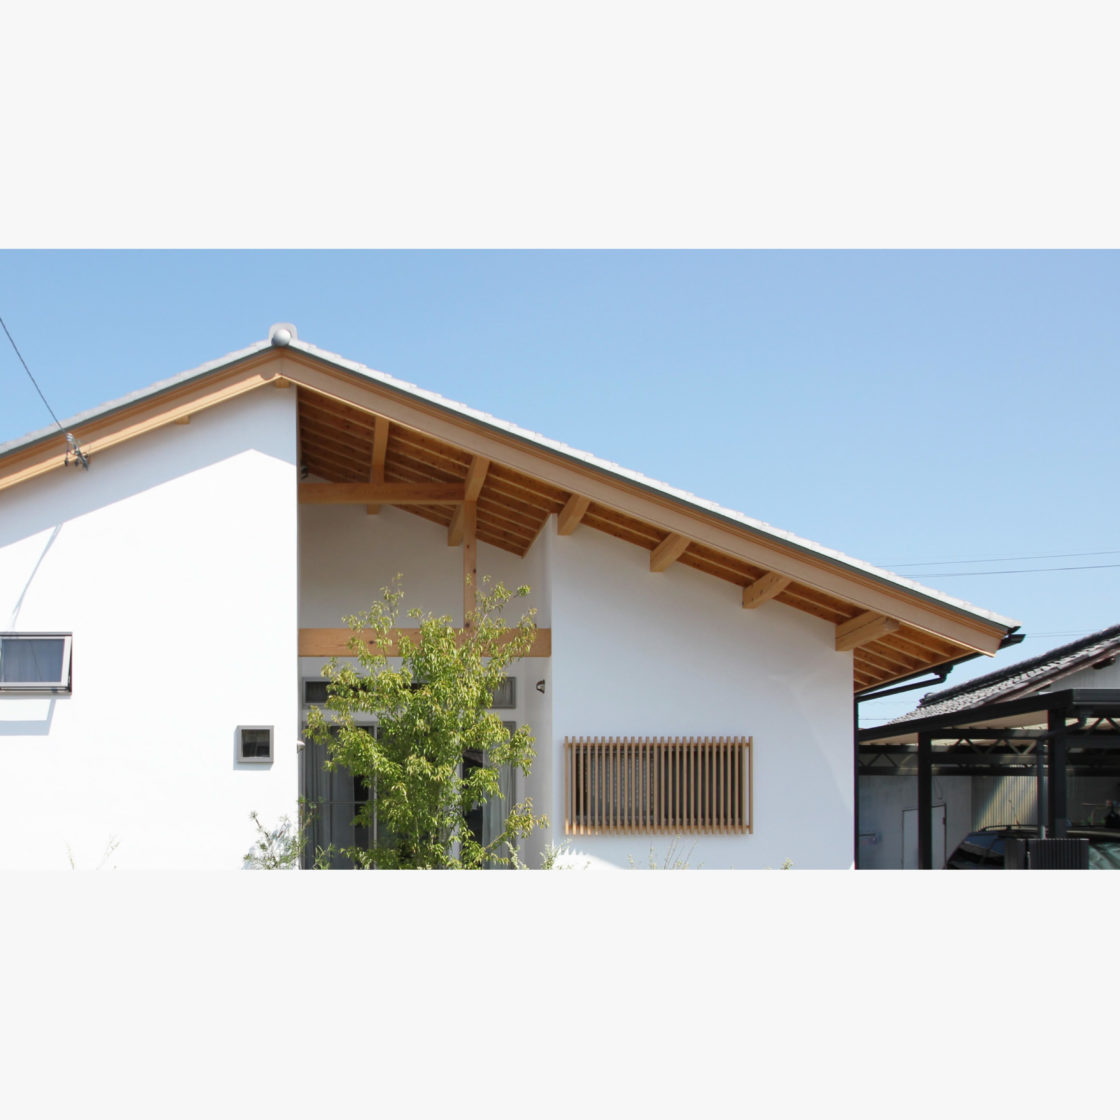 漆喰壁の自然素材の平屋の木の家